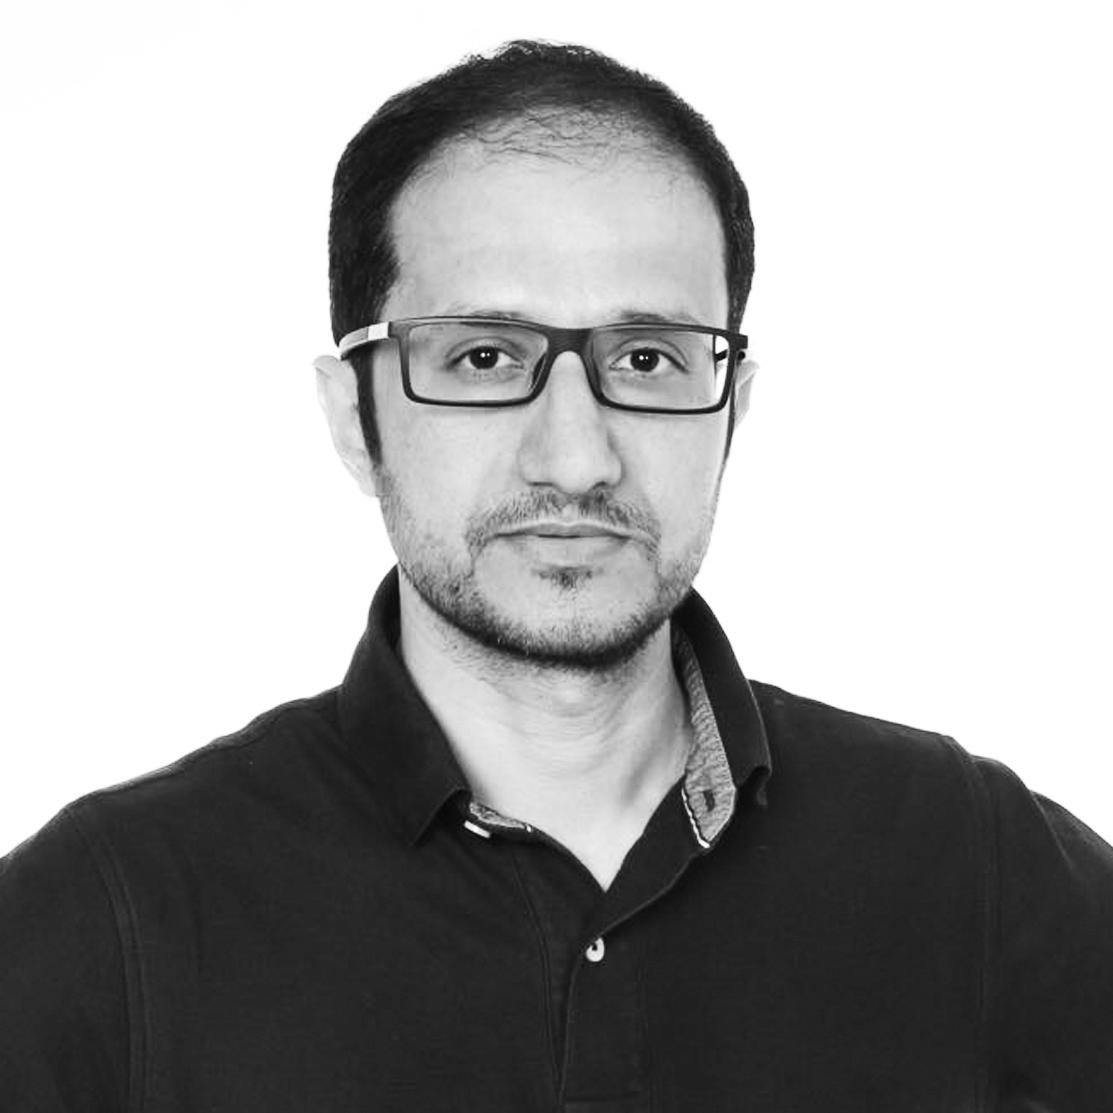 Mohammed Alshahrani